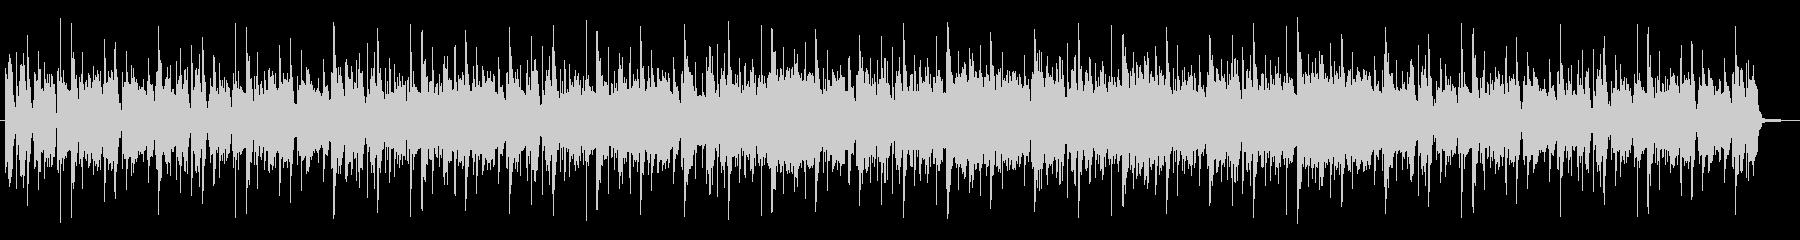 生エレキギターのファンキーチューンの未再生の波形